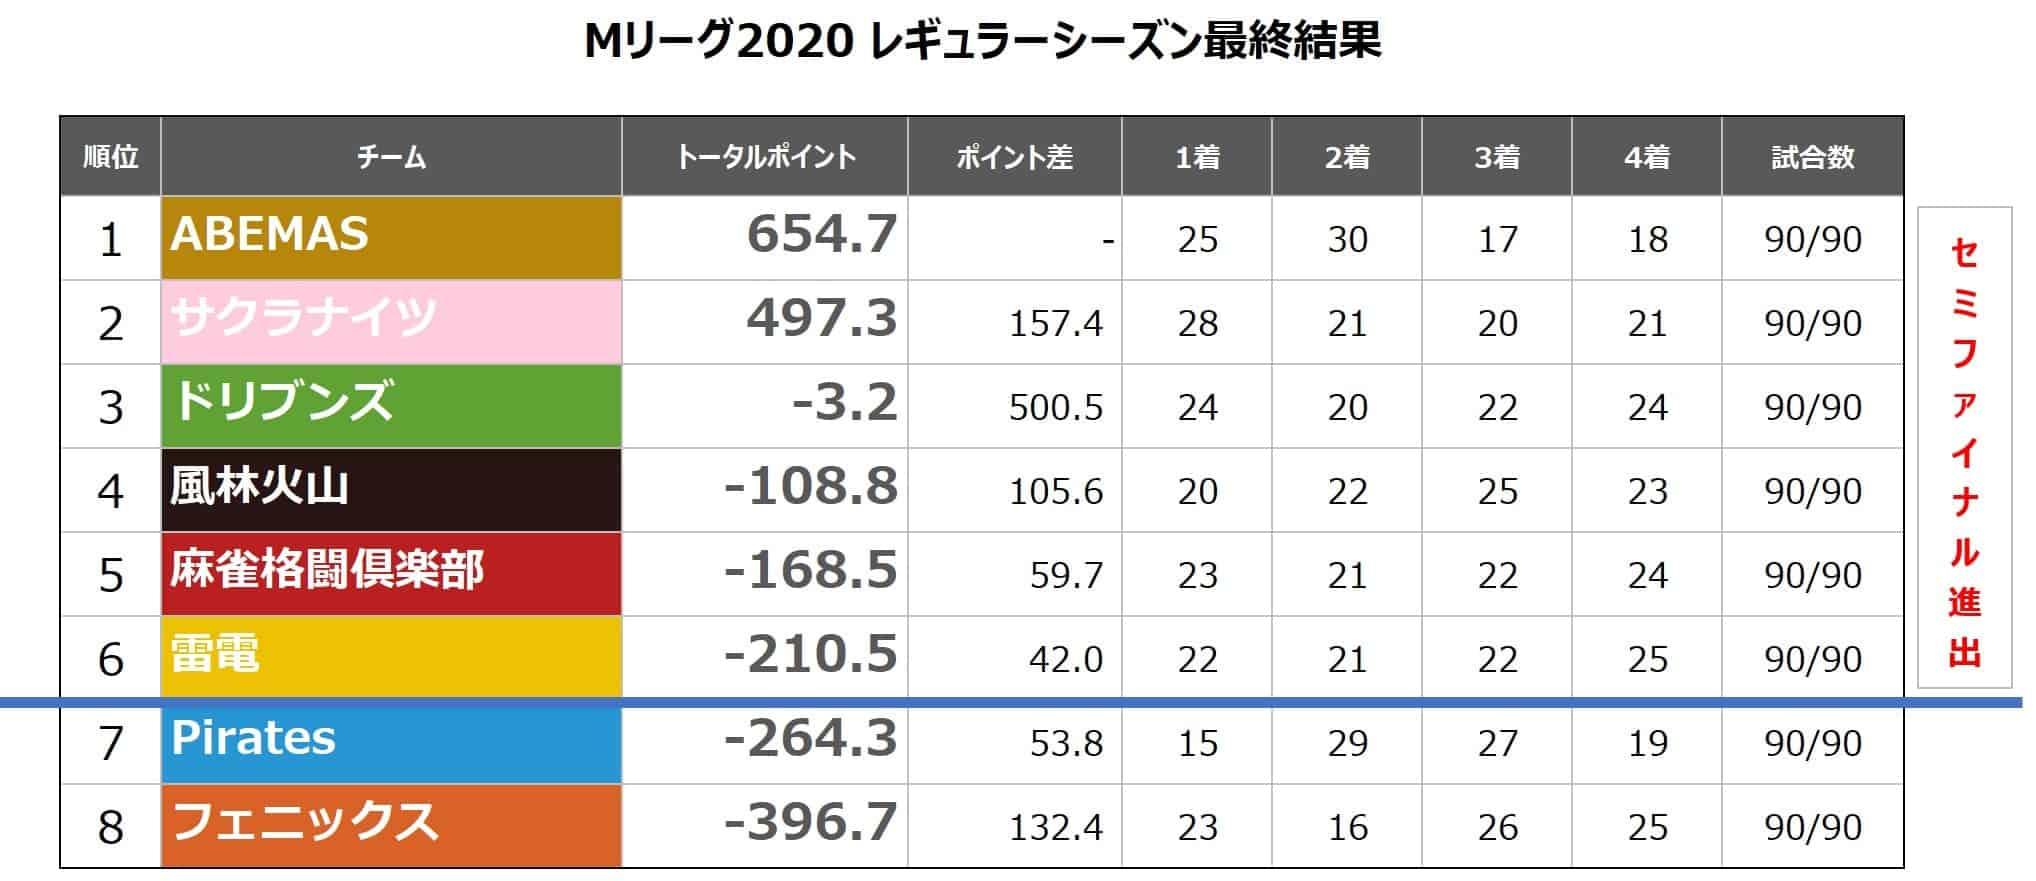 チームランキング20210312(レギュラーシーズン最終結果)